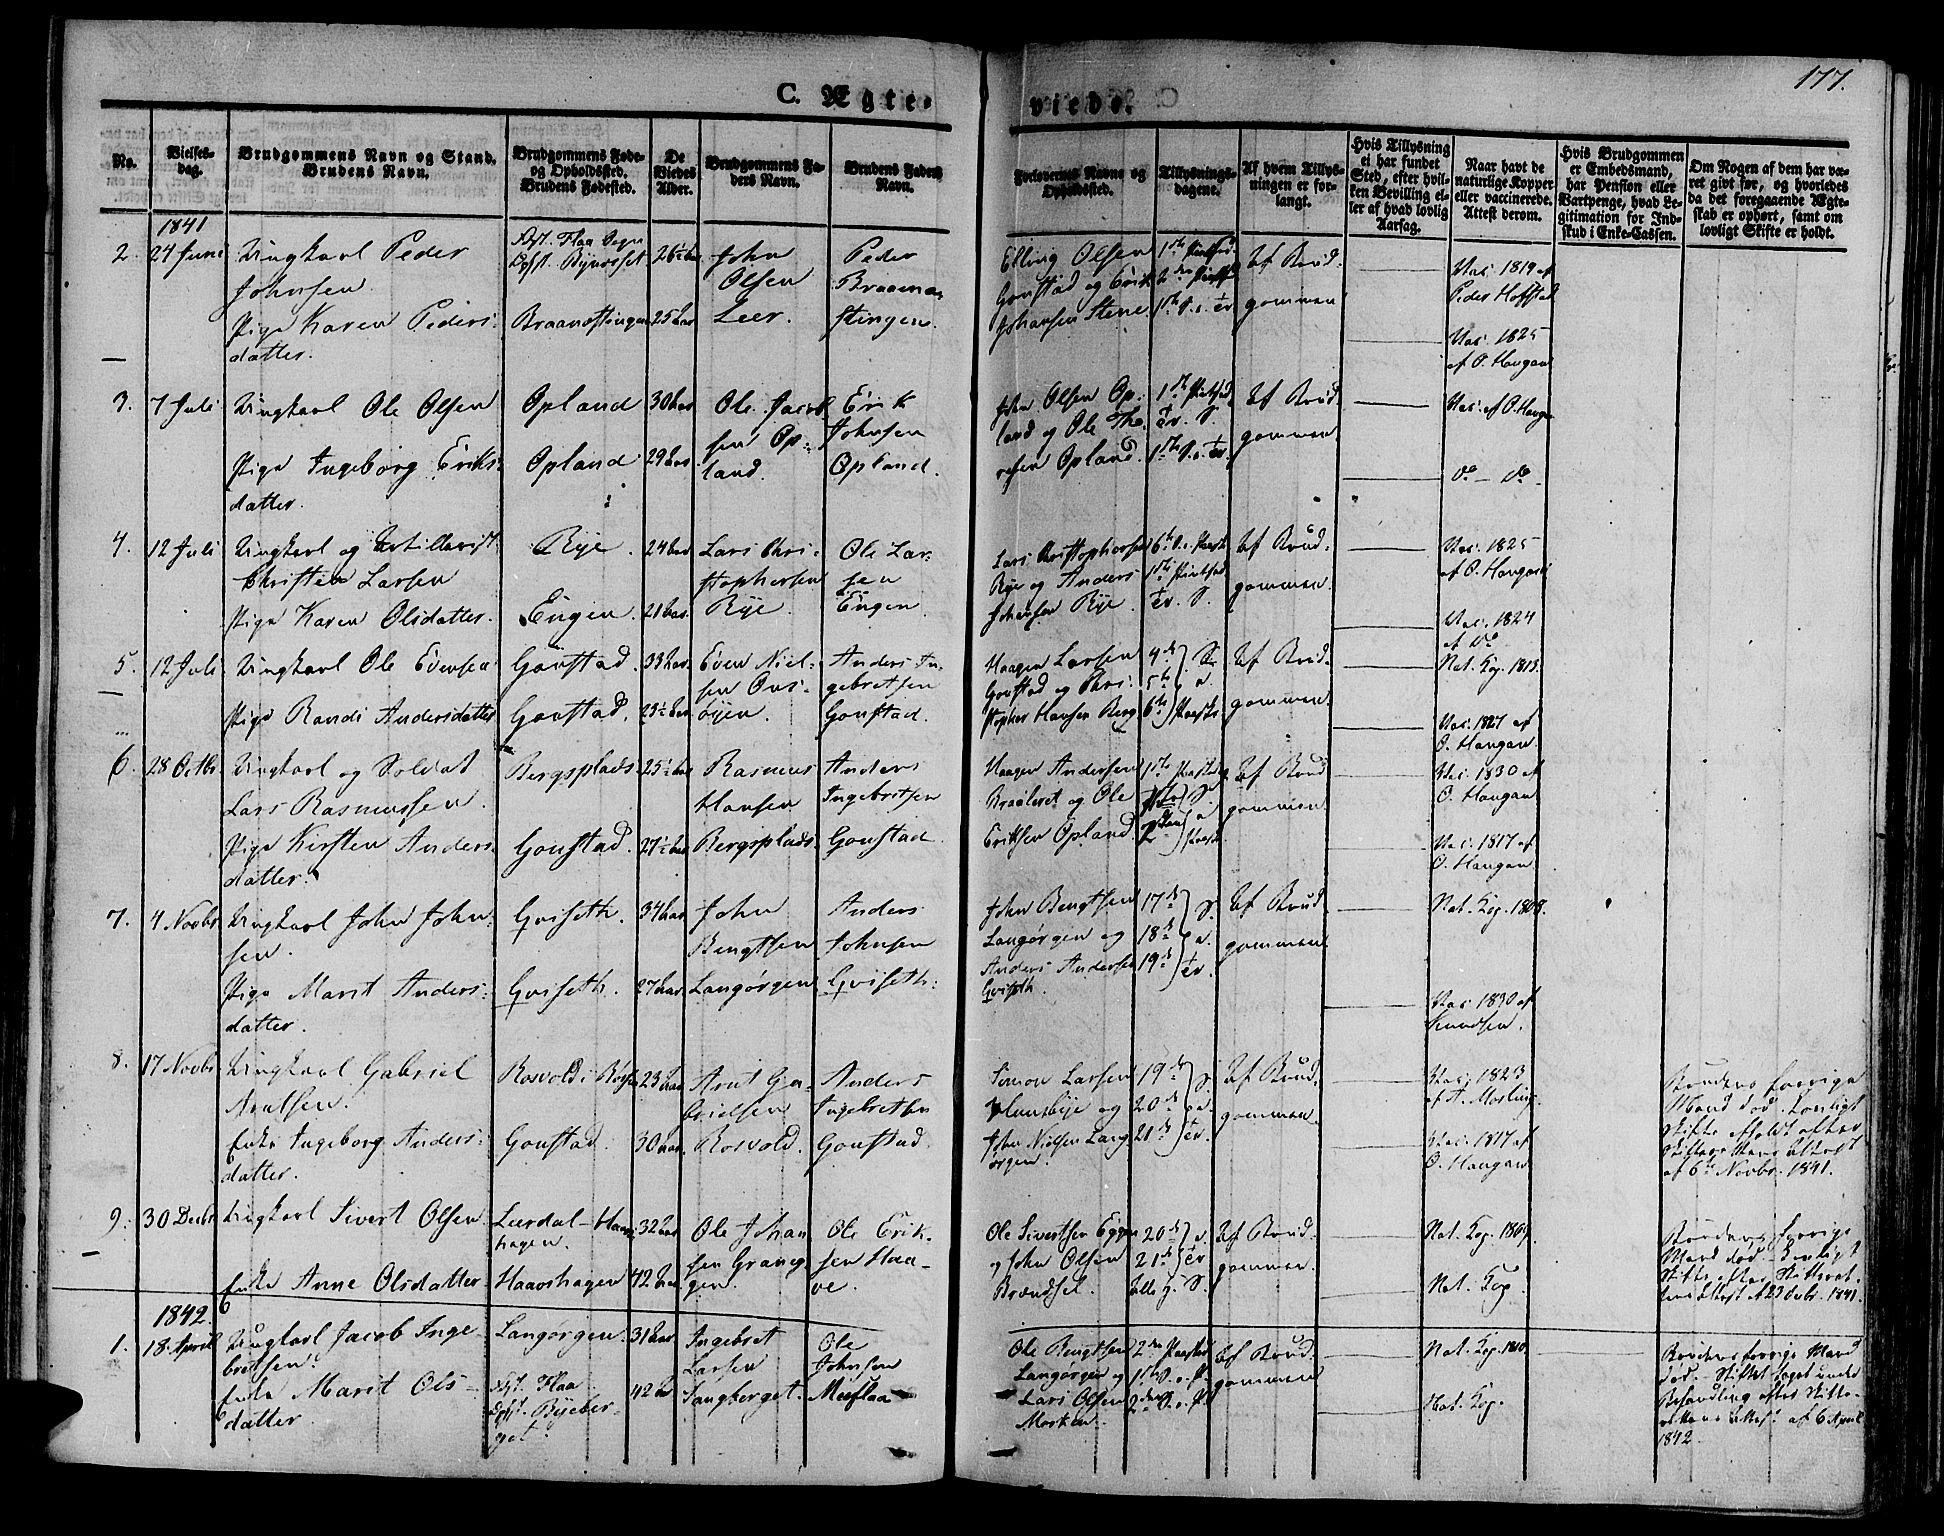 SAT, Ministerialprotokoller, klokkerbøker og fødselsregistre - Sør-Trøndelag, 612/L0374: Ministerialbok nr. 612A07 /1, 1829-1845, s. 177